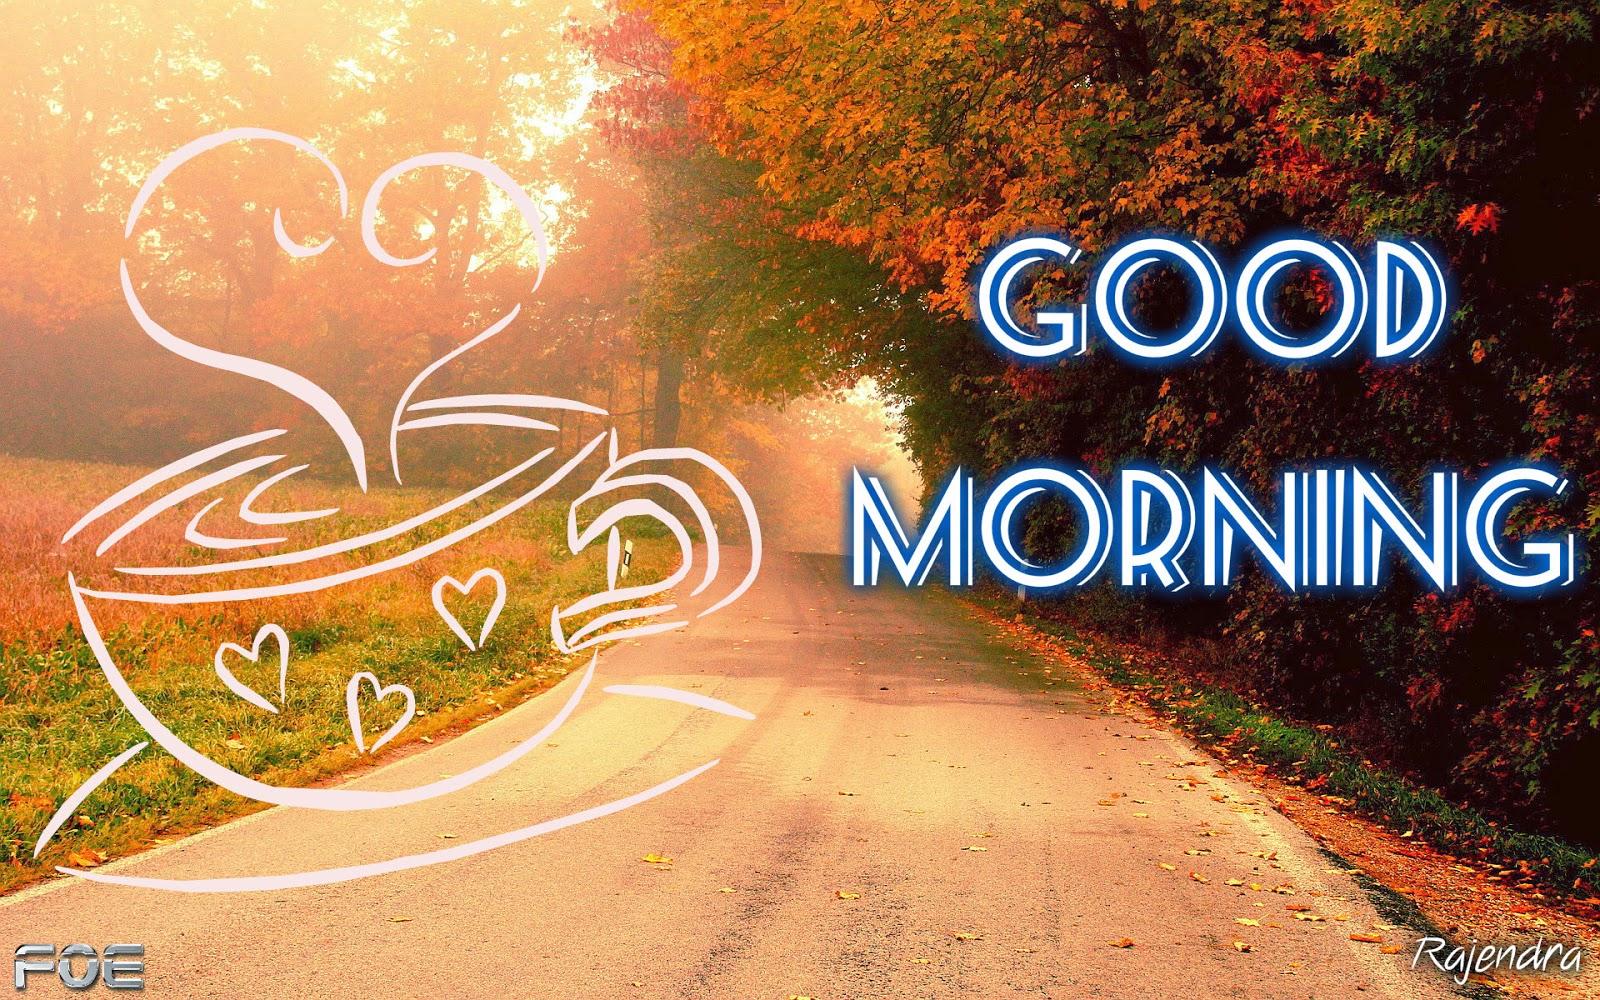 Good Morning Scraps - Full Oriya